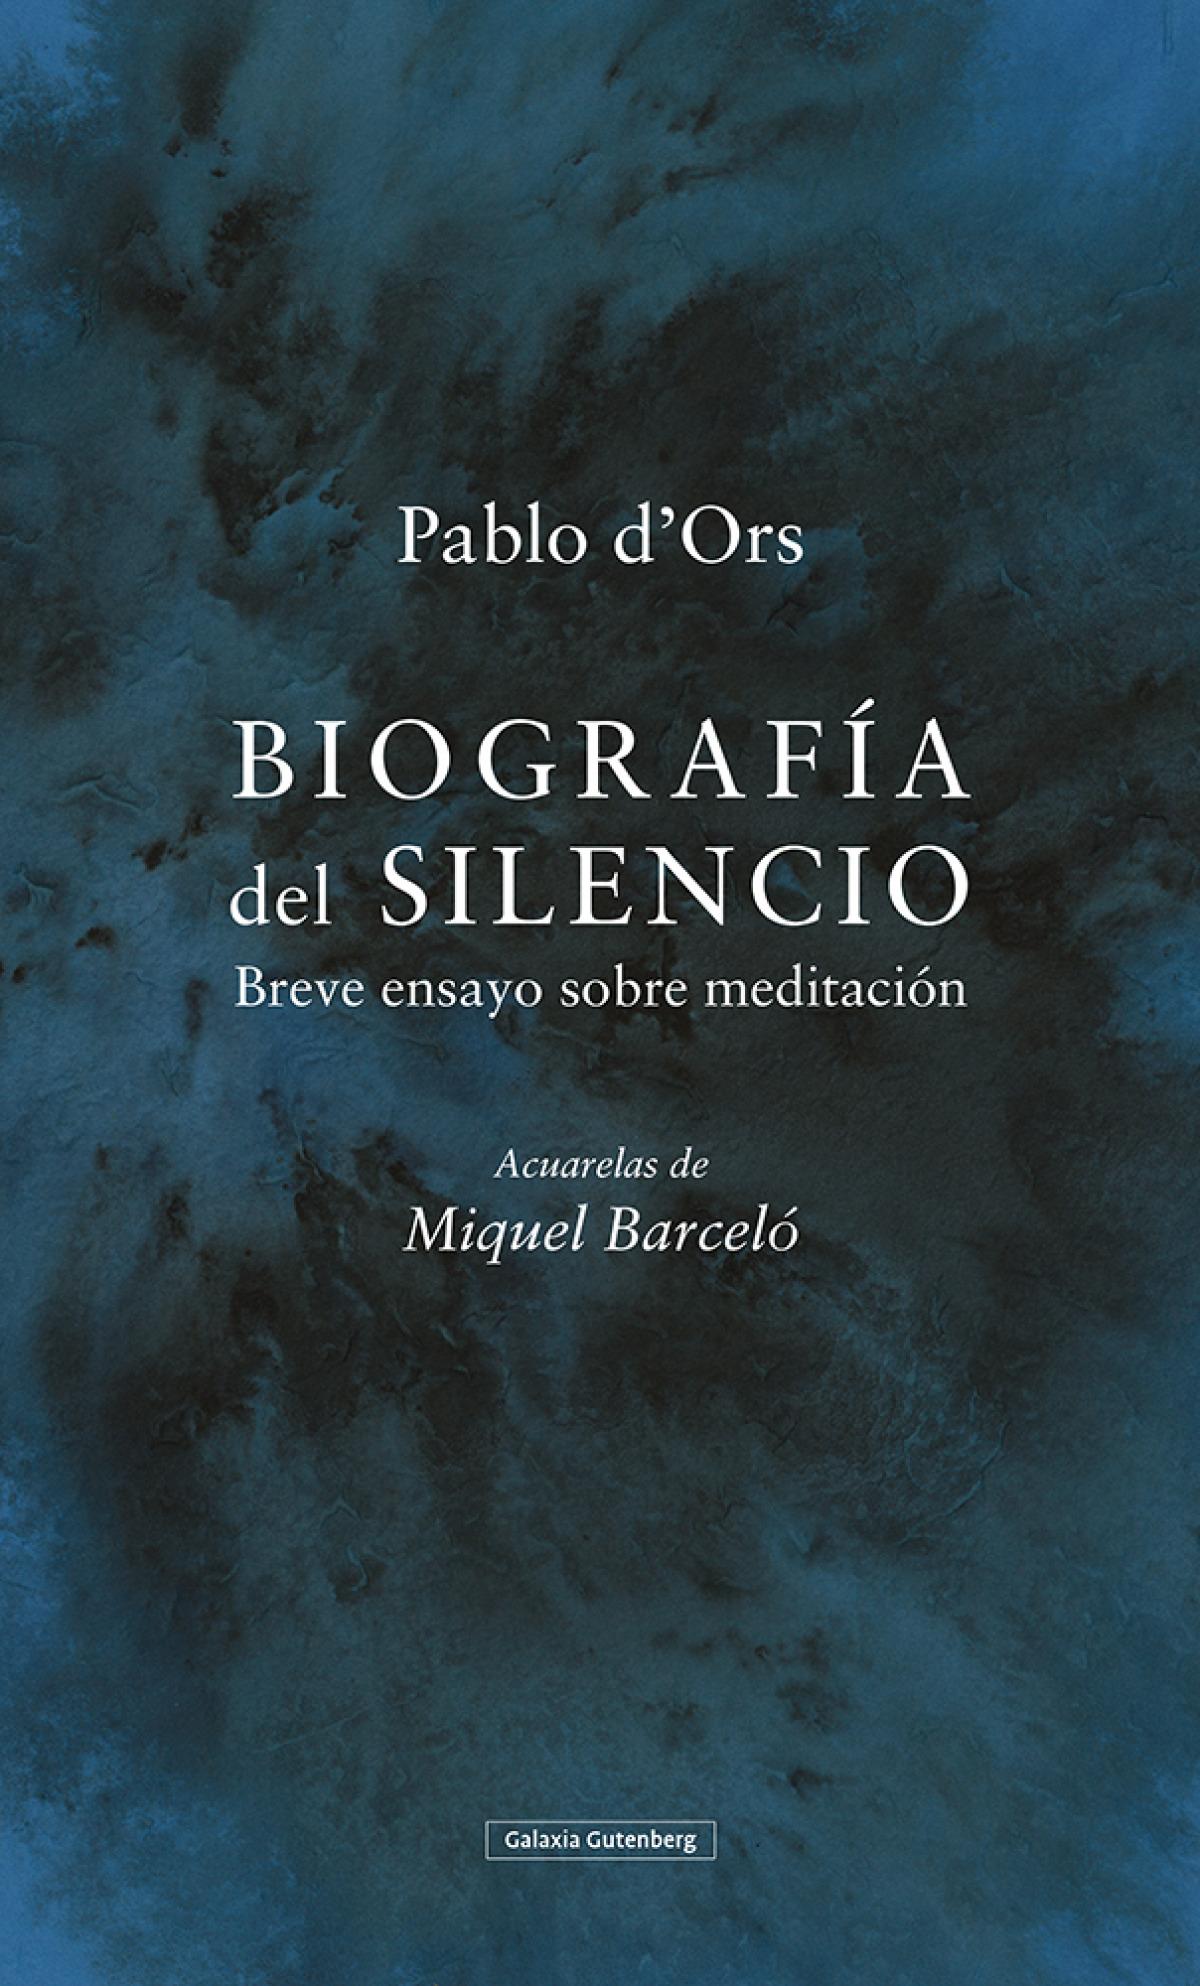 BIOGRAFÍA DEL SILENCIO 9788417971281